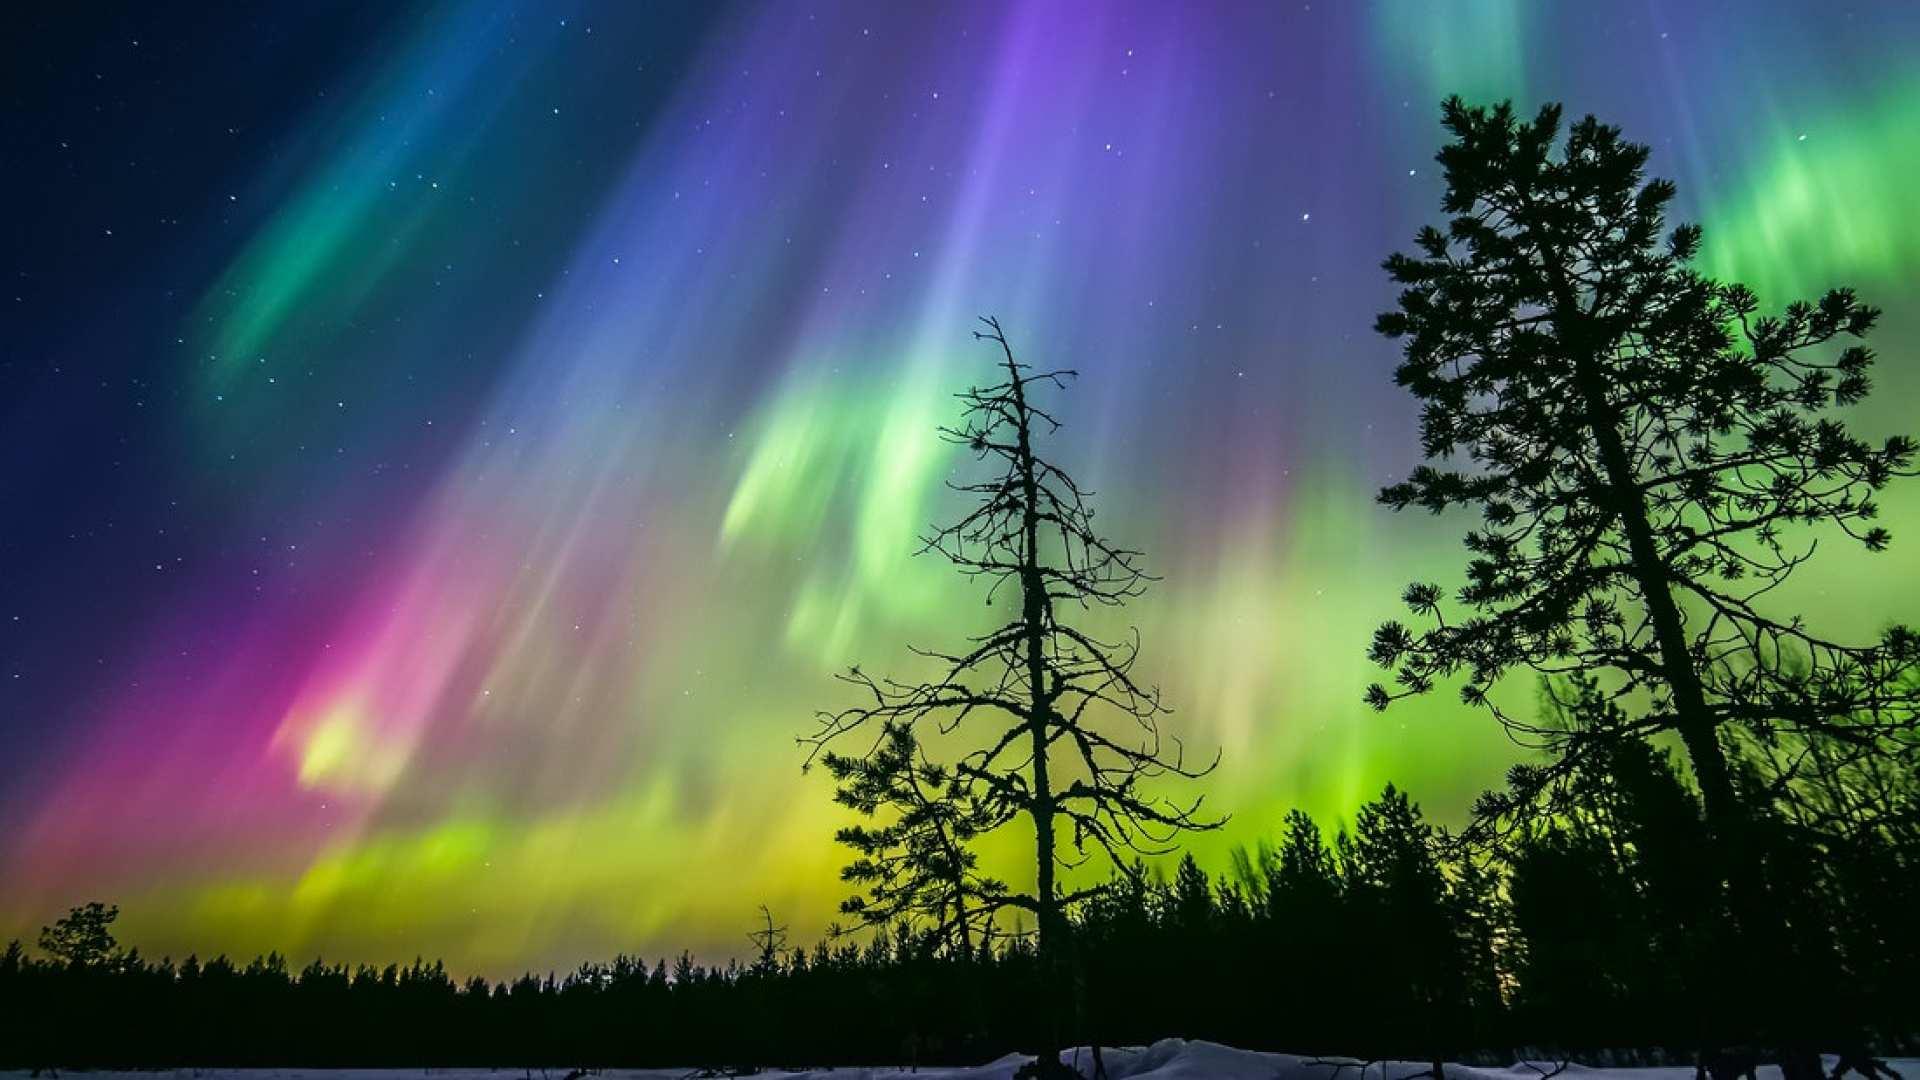 【芬蘭蒸桑拿賞極光】羅瓦涅米極光追尋+湖畔傳統芬蘭桑拿+拉普蘭特色小吃